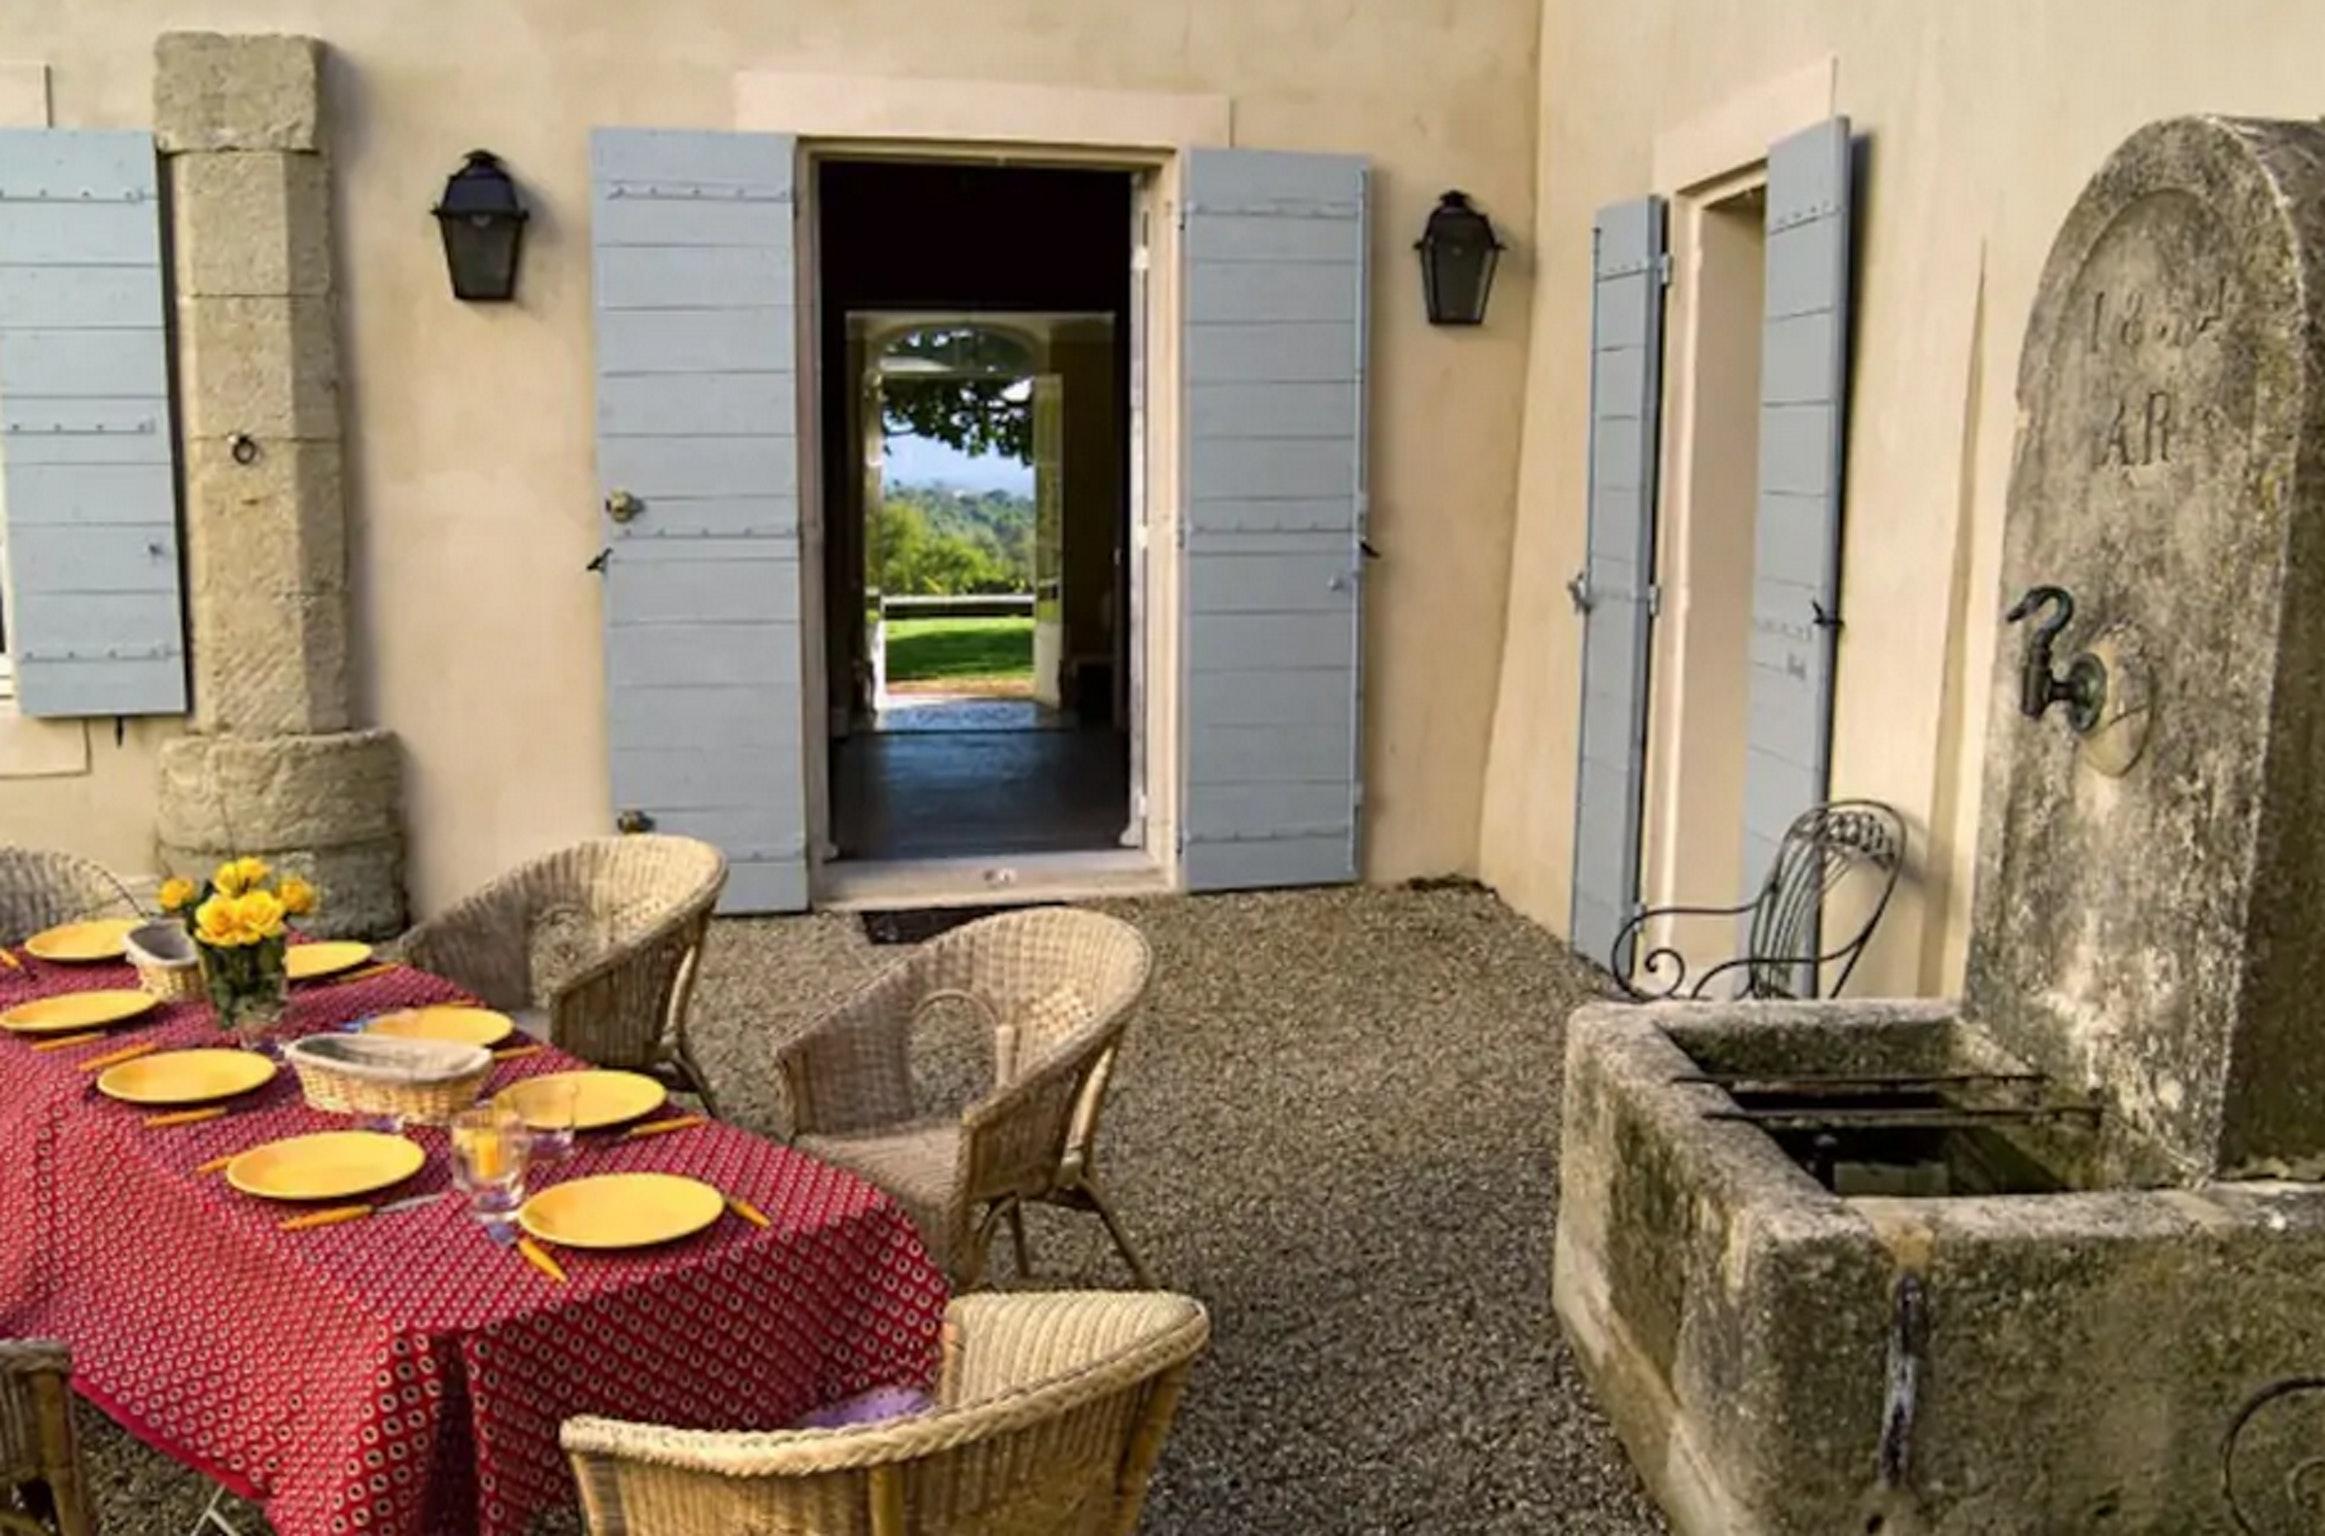 Maison de vacances Villa mit 6 Schlafzimmern in L'Isle-sur-la-Sorgue mit privatem Pool, möbliertem Garten und (2647203), L'Isle sur la Sorgue, Vaucluse, Provence - Alpes - Côte d'Azur, France, image 56